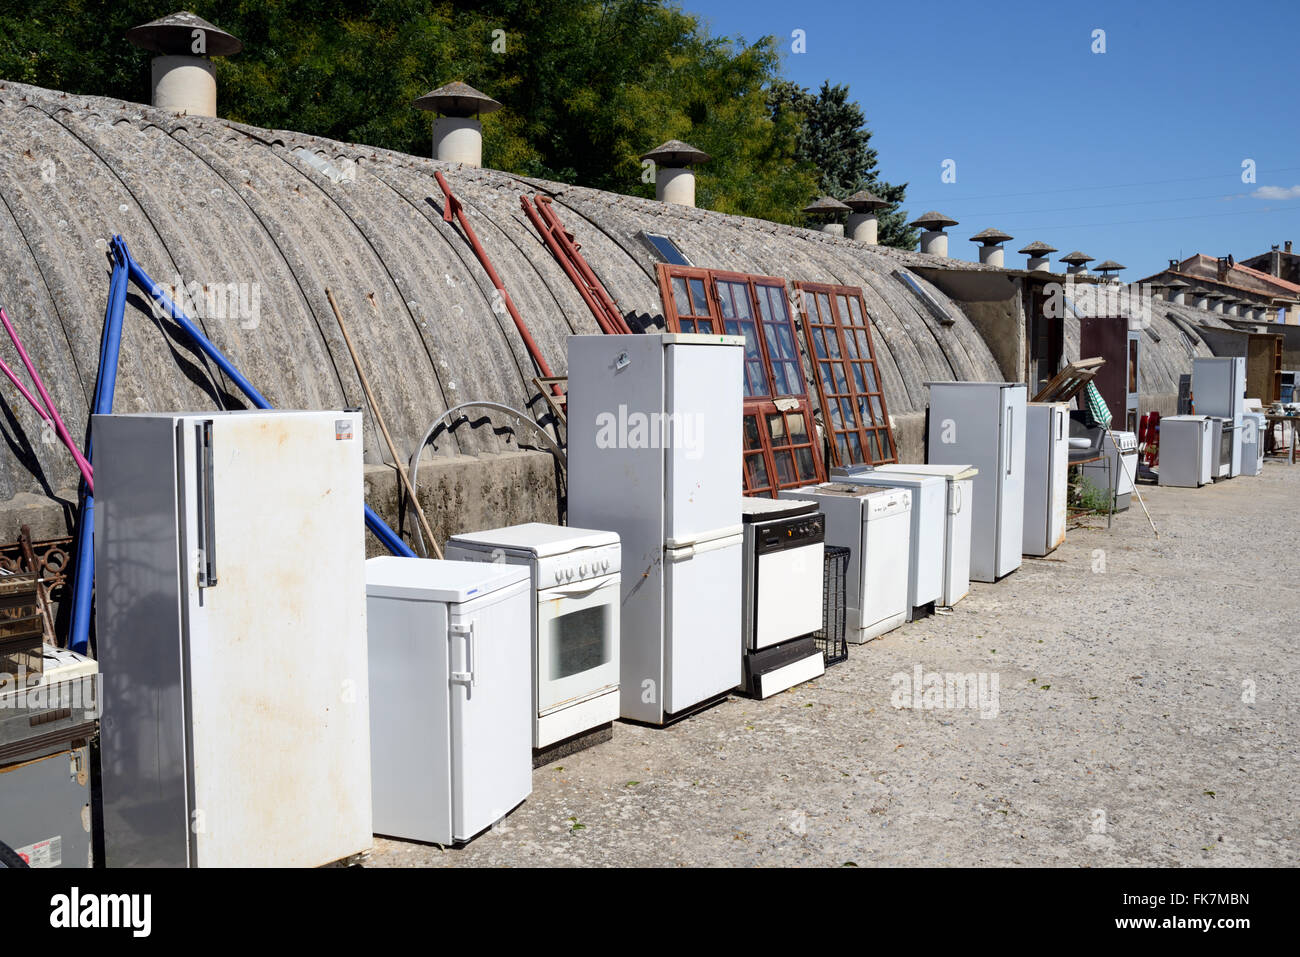 Ajeno, el tabaquismo o el reciclado de productos de línea blanca o electrodomésticos fogones y nevera Imagen De Stock